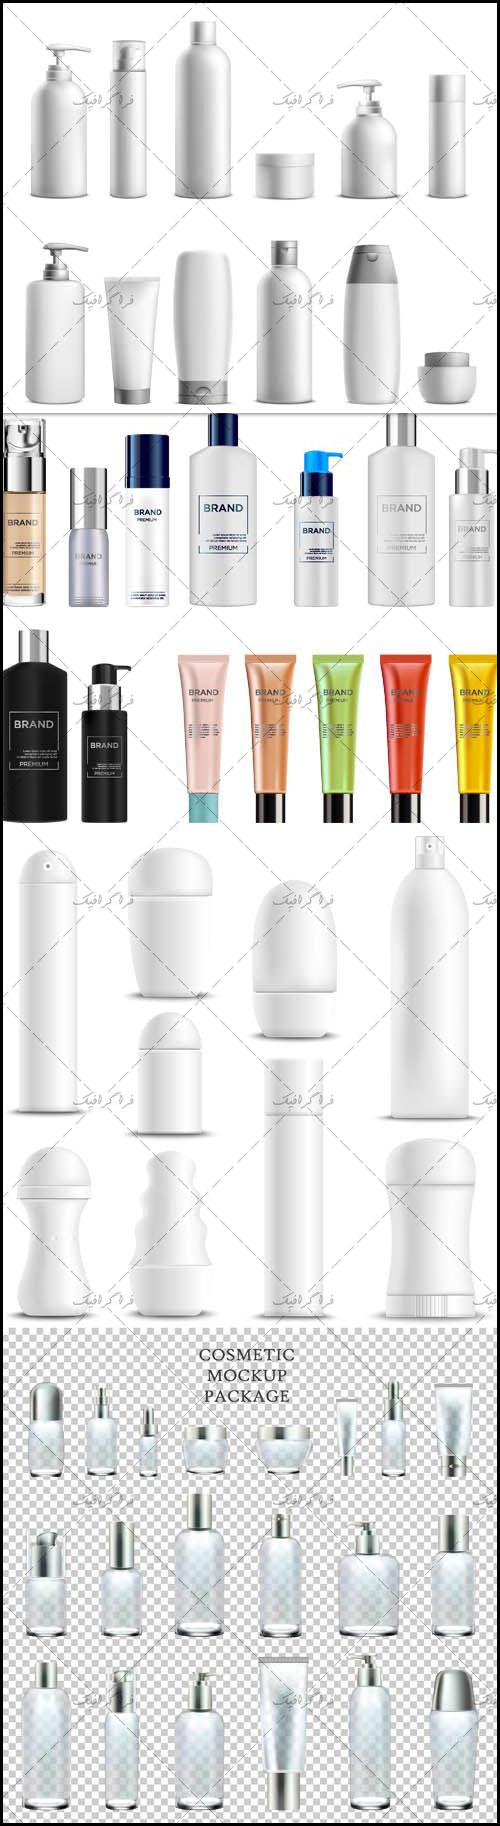 دانلود وکتور بسته بندی خالی محصولات آرایشی